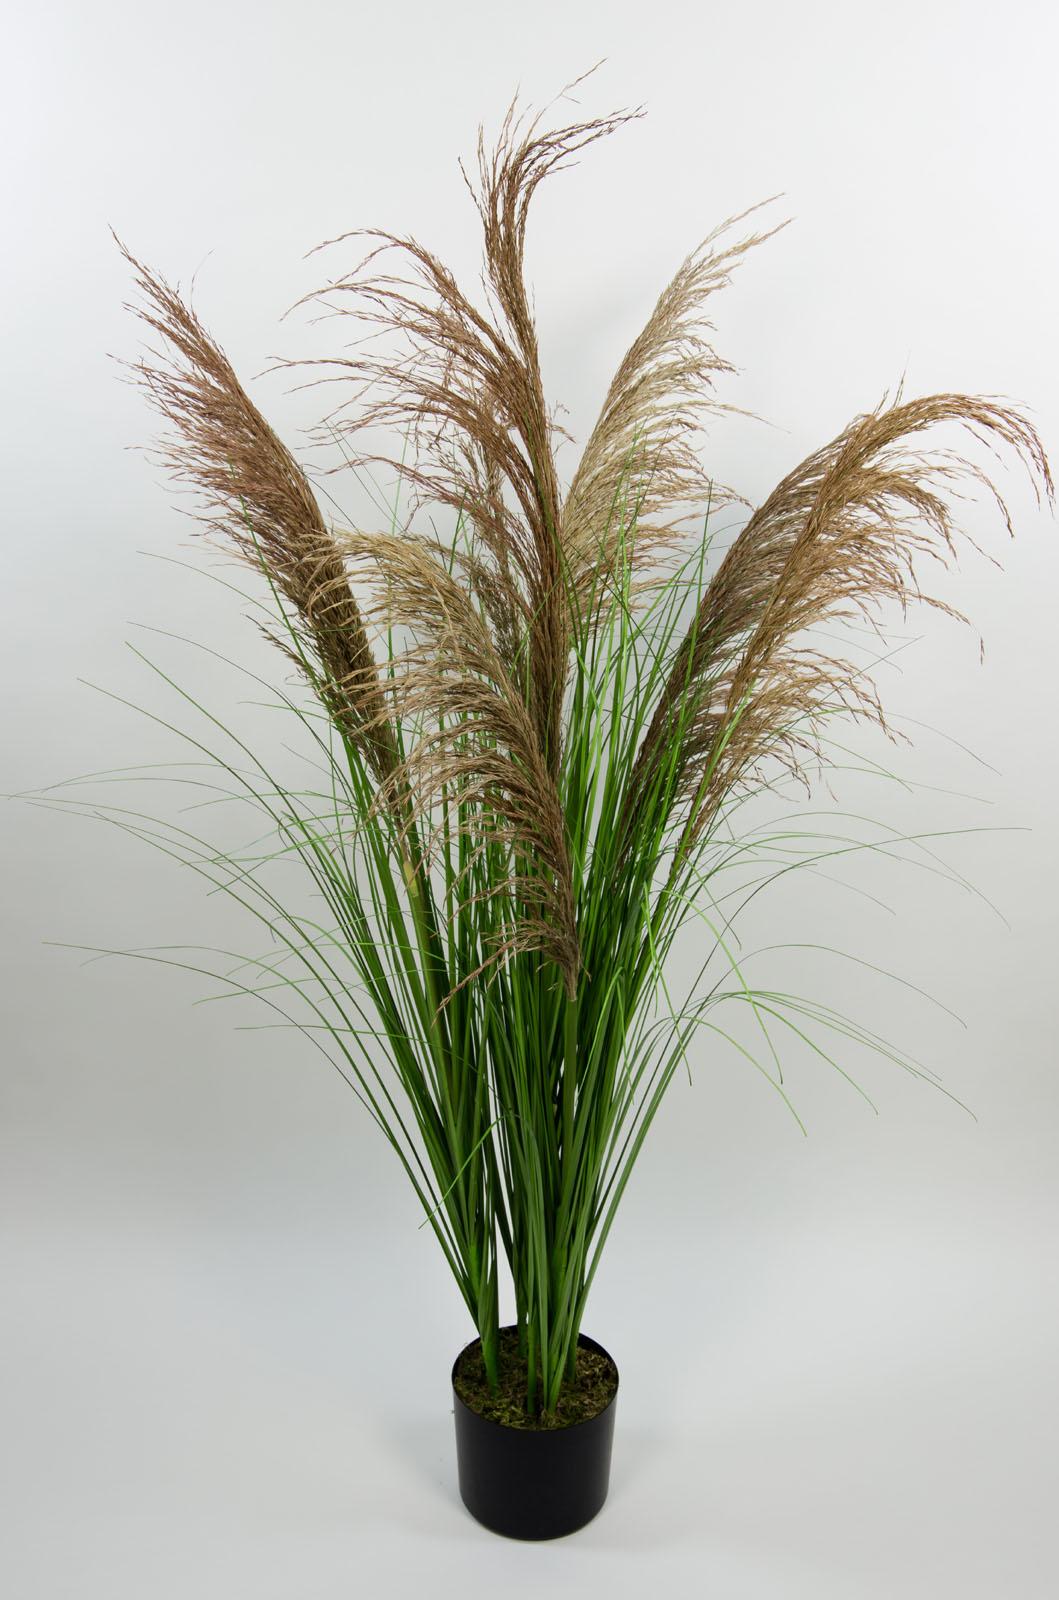 pampasgras 120cm im topf pf kunstpflanzen k nstliche pflanzen gras kunstgras ebay. Black Bedroom Furniture Sets. Home Design Ideas